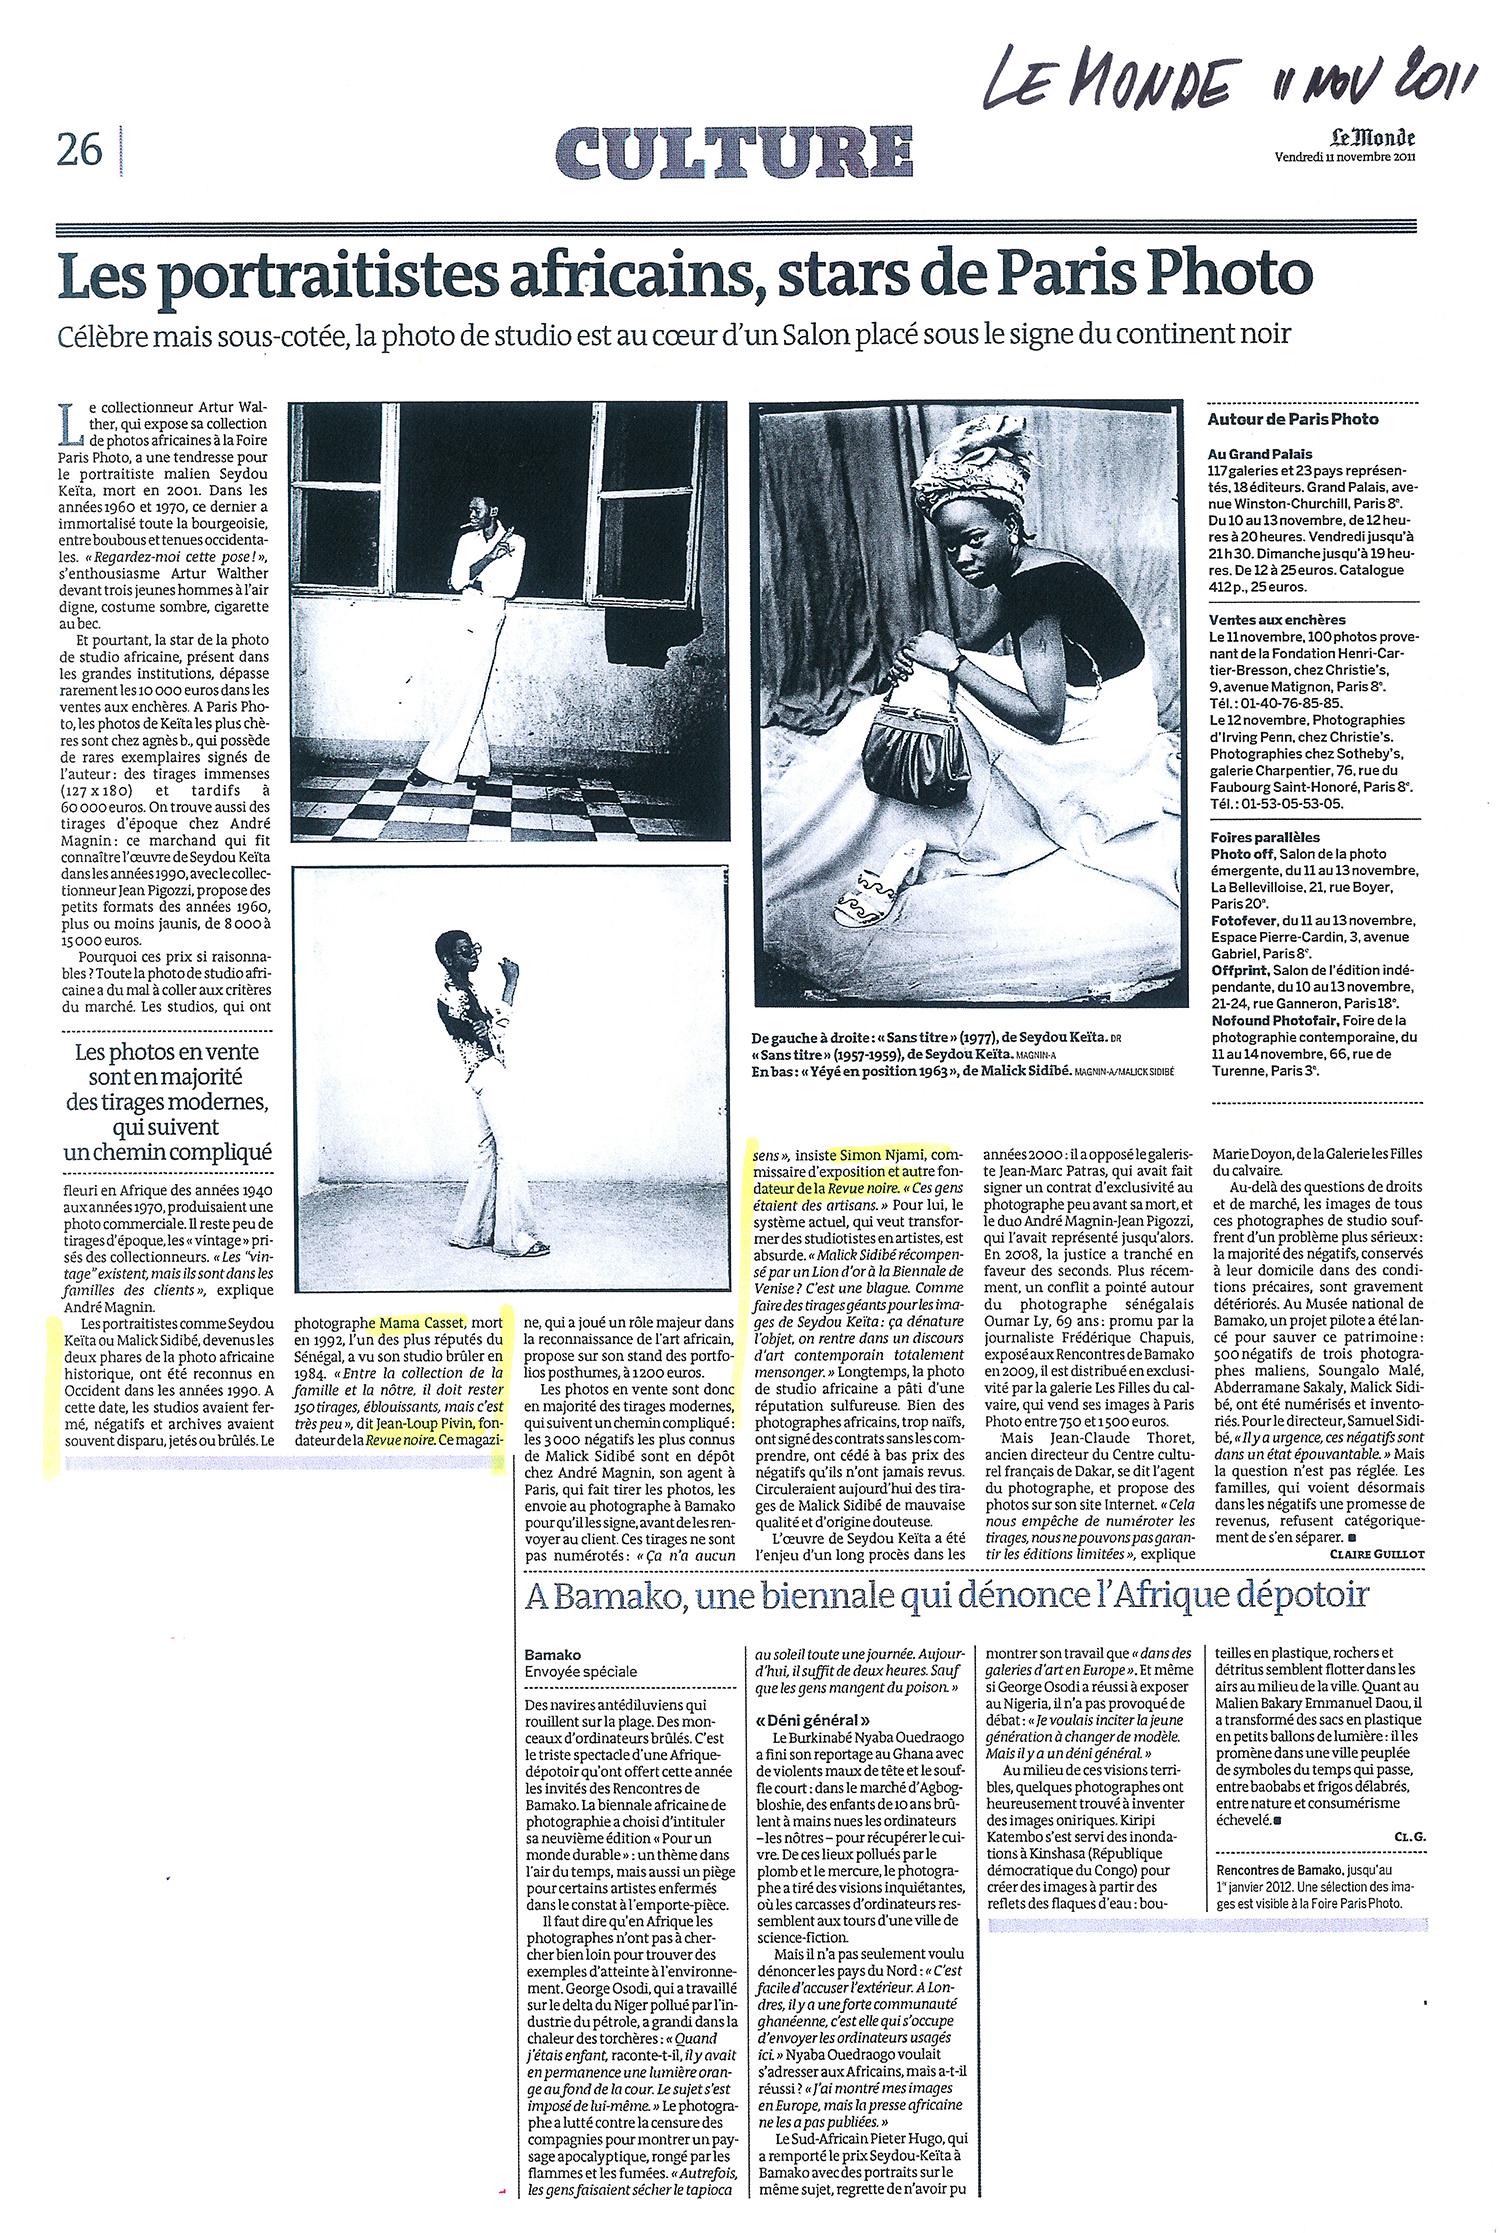 REVUE NOIRE Revue de Presse: Le Monde nov 2011 par Claire Guillot, Le salon Paris-Photo à l'heure de la photographie africaine